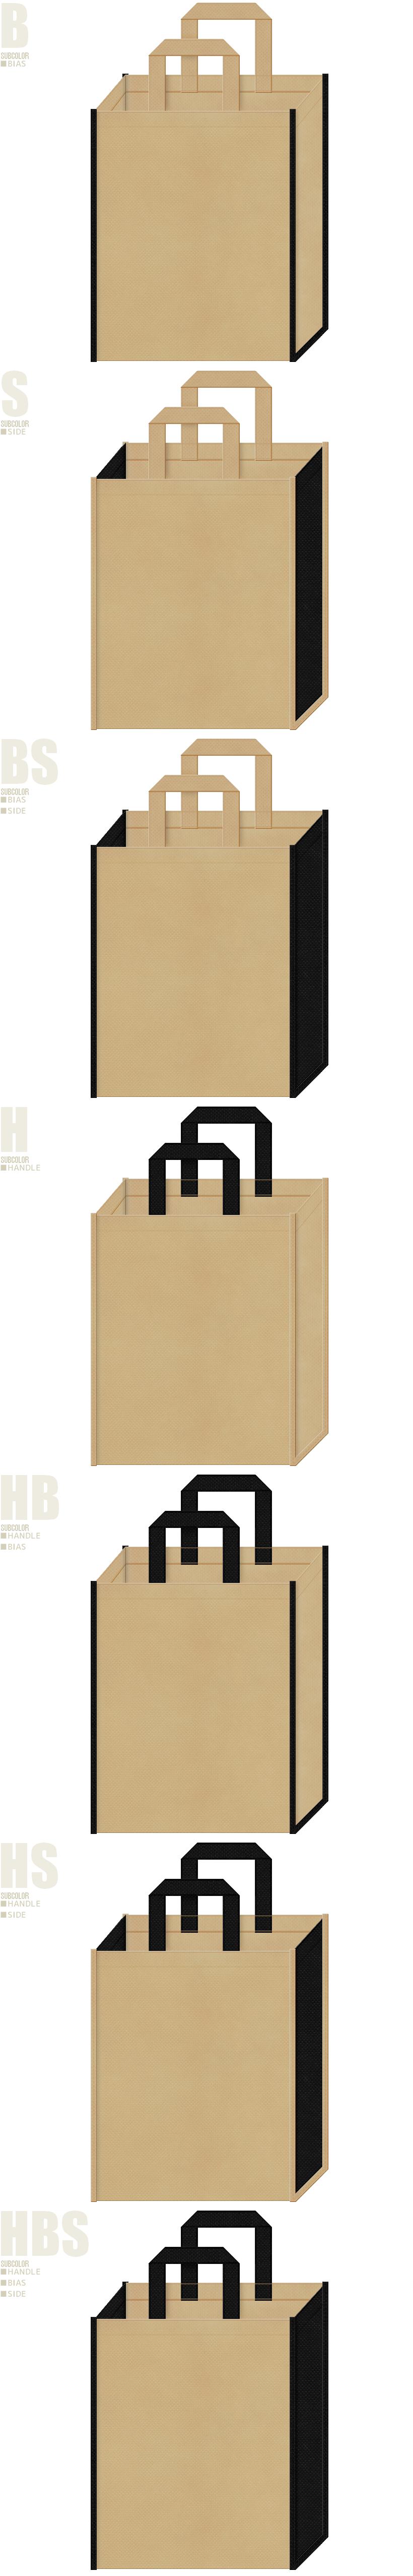 カーキ色と黒色、7パターンの不織布トートバッグ配色デザイン例。お城イベントのバッグノベルティにお奨めです。